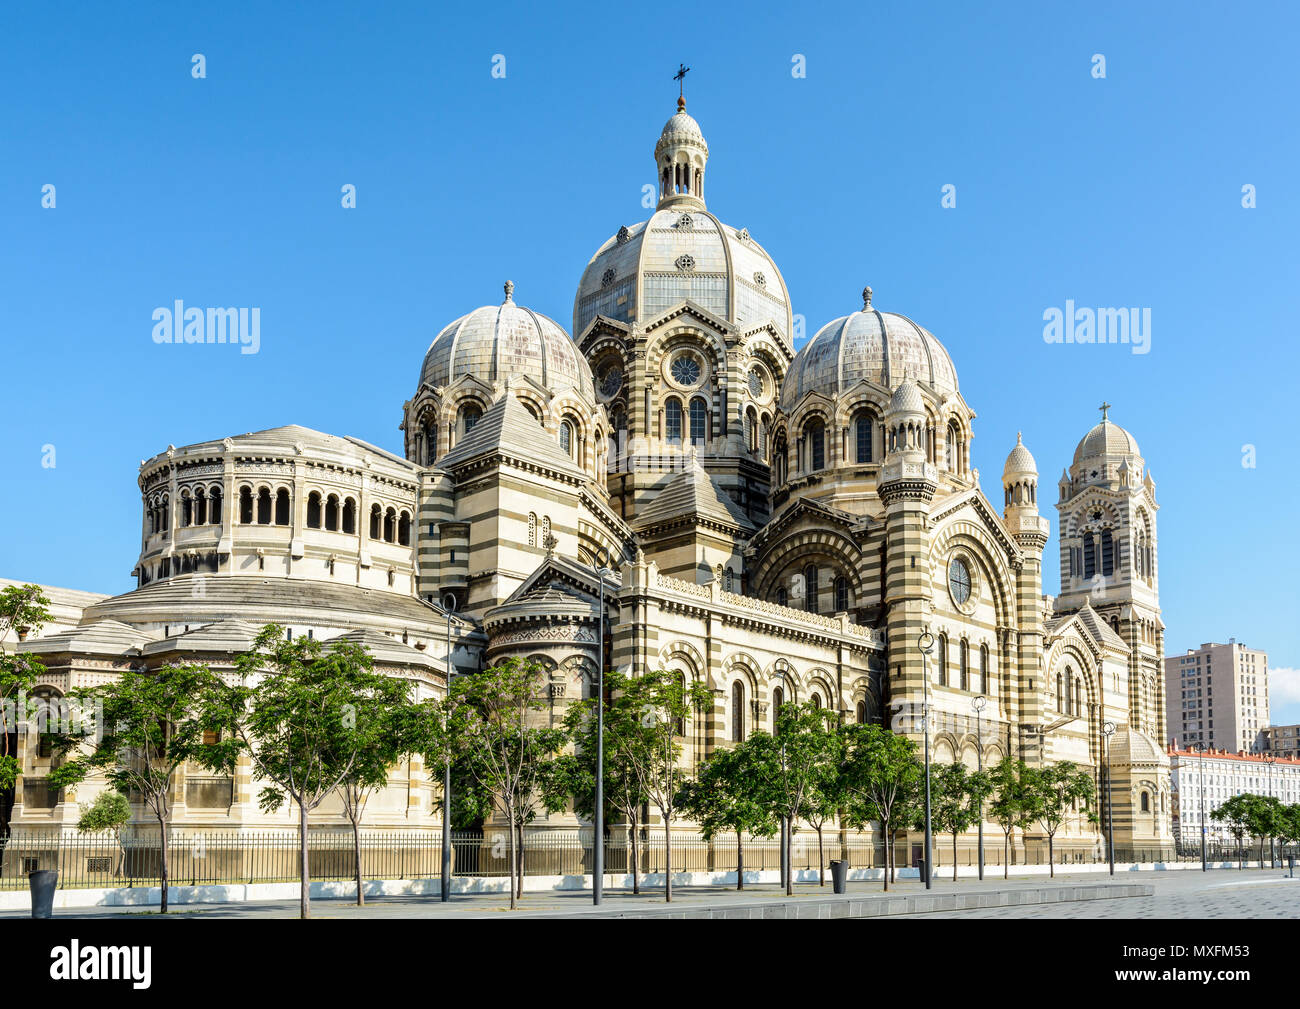 Les trois-quarts vue arrière de la cathédrale de Marseille, Sainte-Marie-Majeure, également connu sous le nom de la Major, un style néo-byzantin bâtiment catholique atteint Banque D'Images